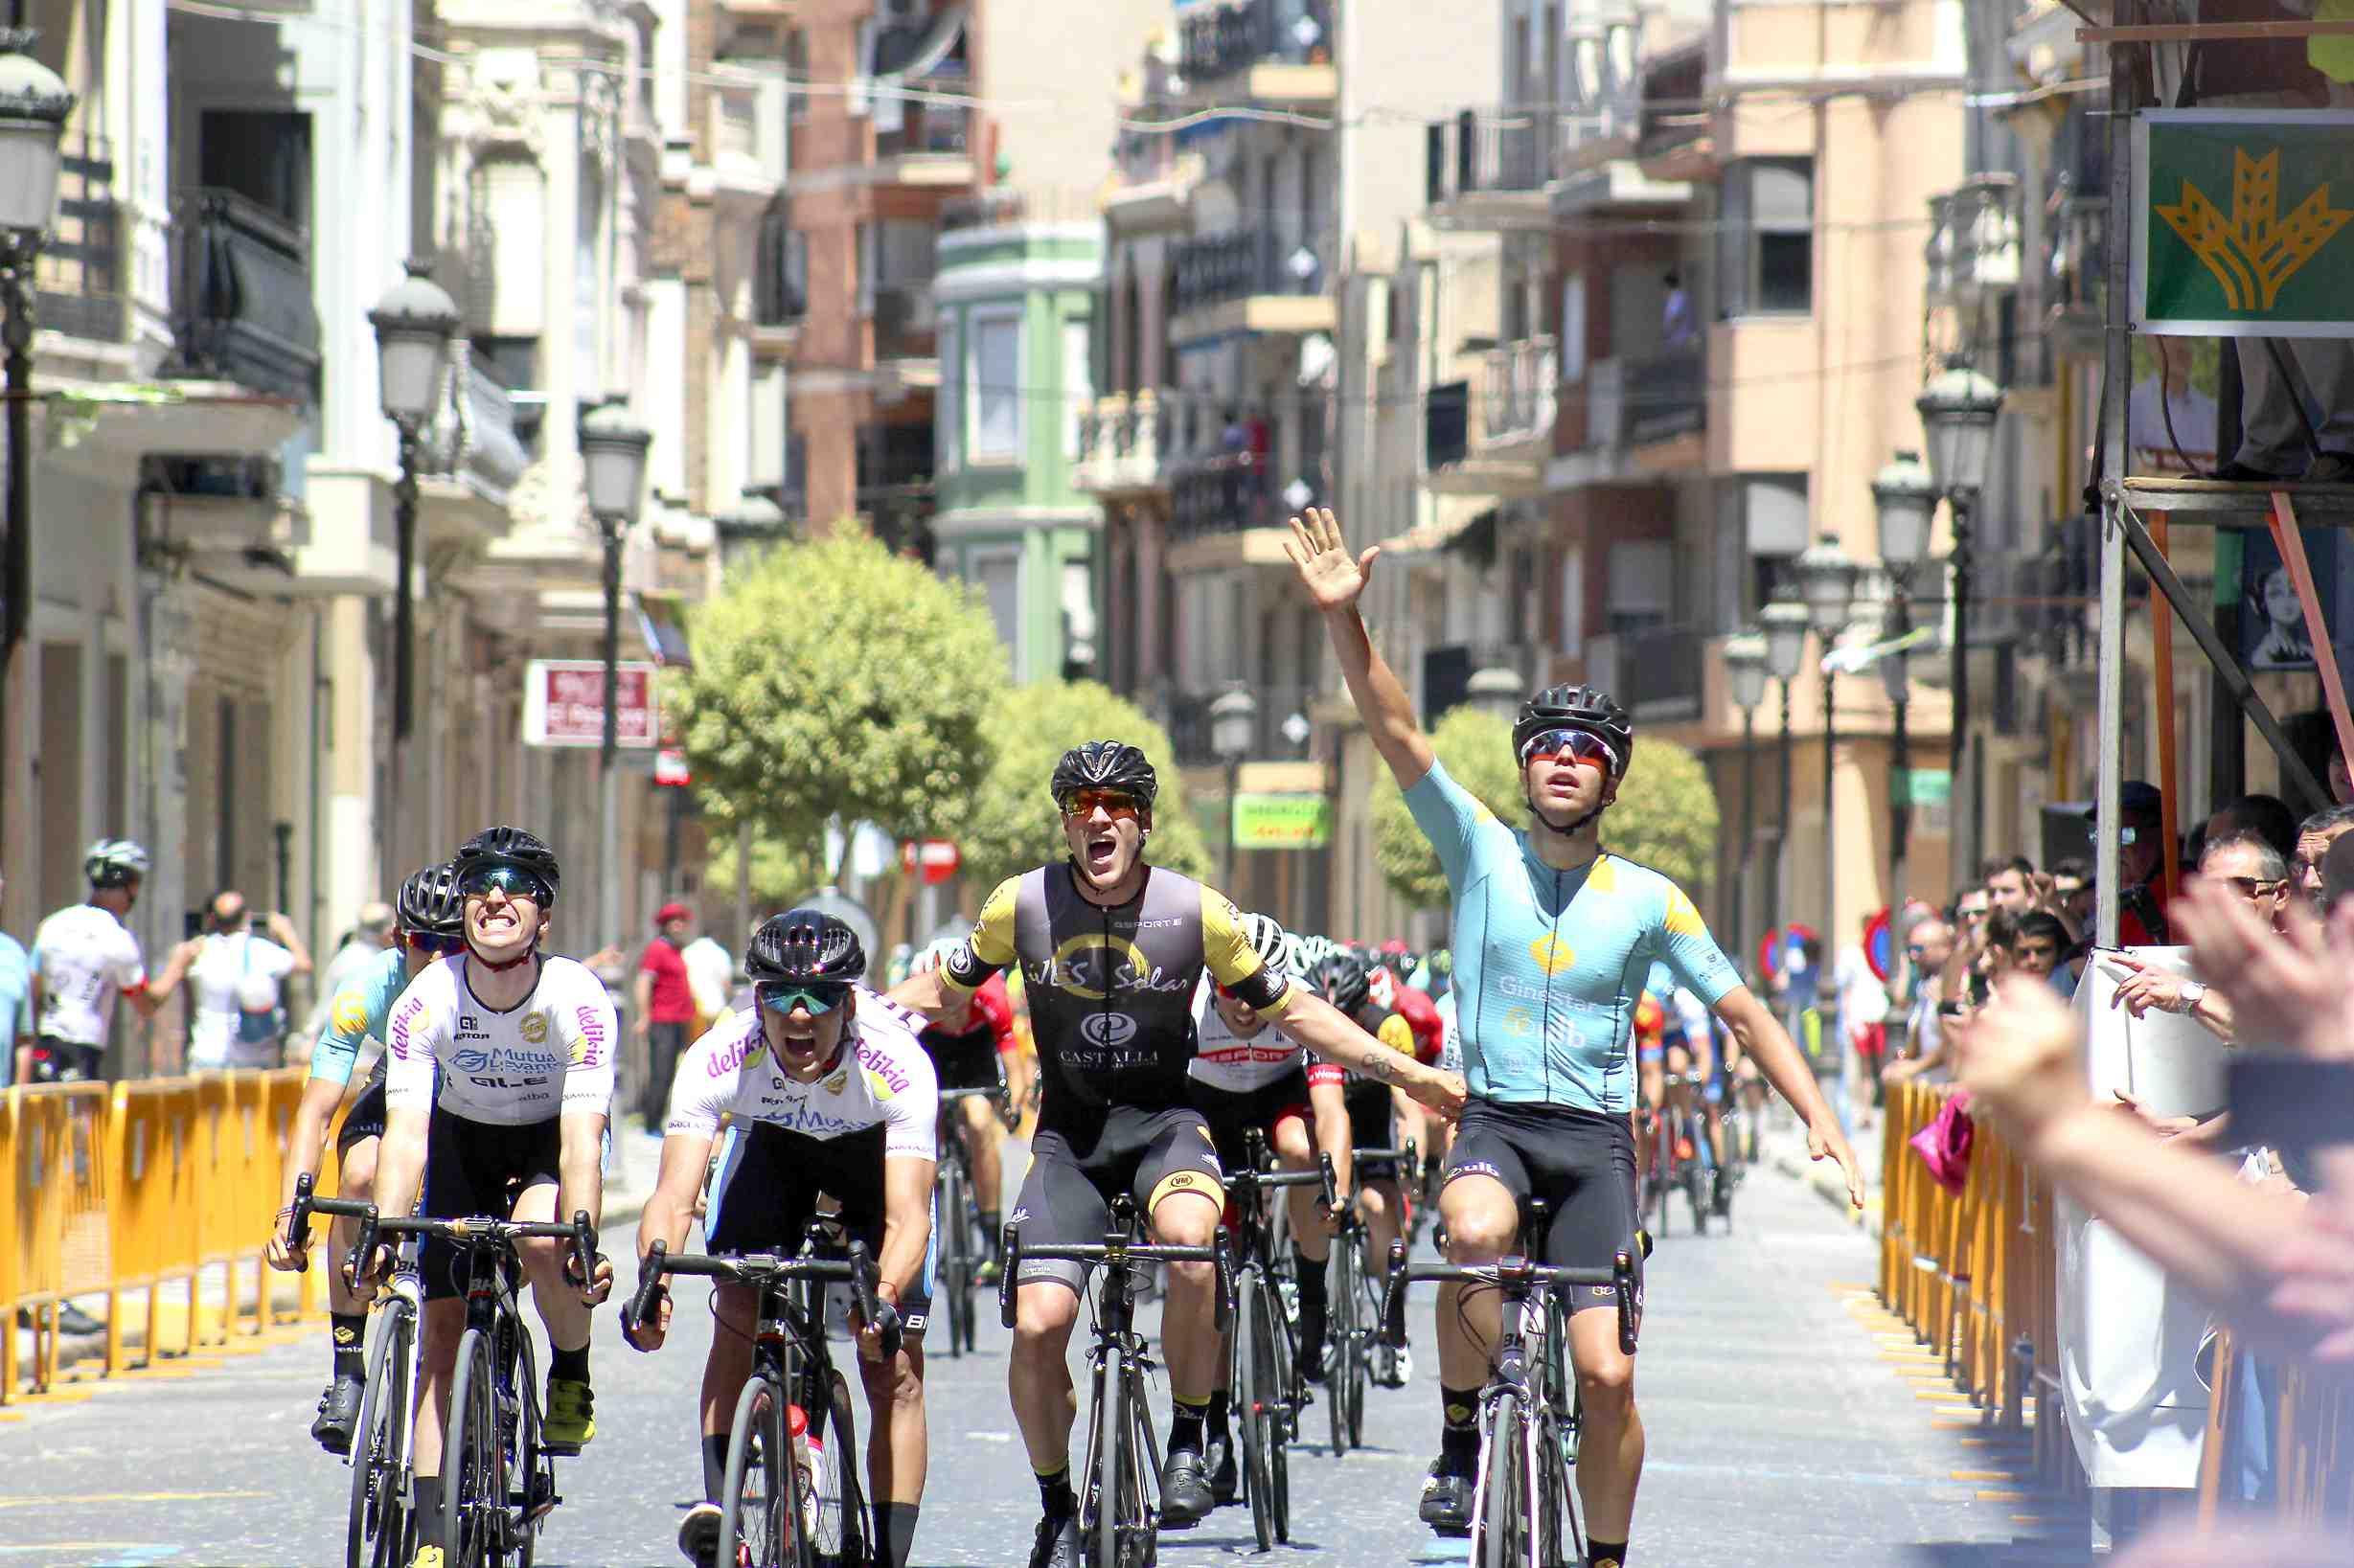 El ciclista ibense Josué Gómez gana el Trofeo de Algemesí Sub23